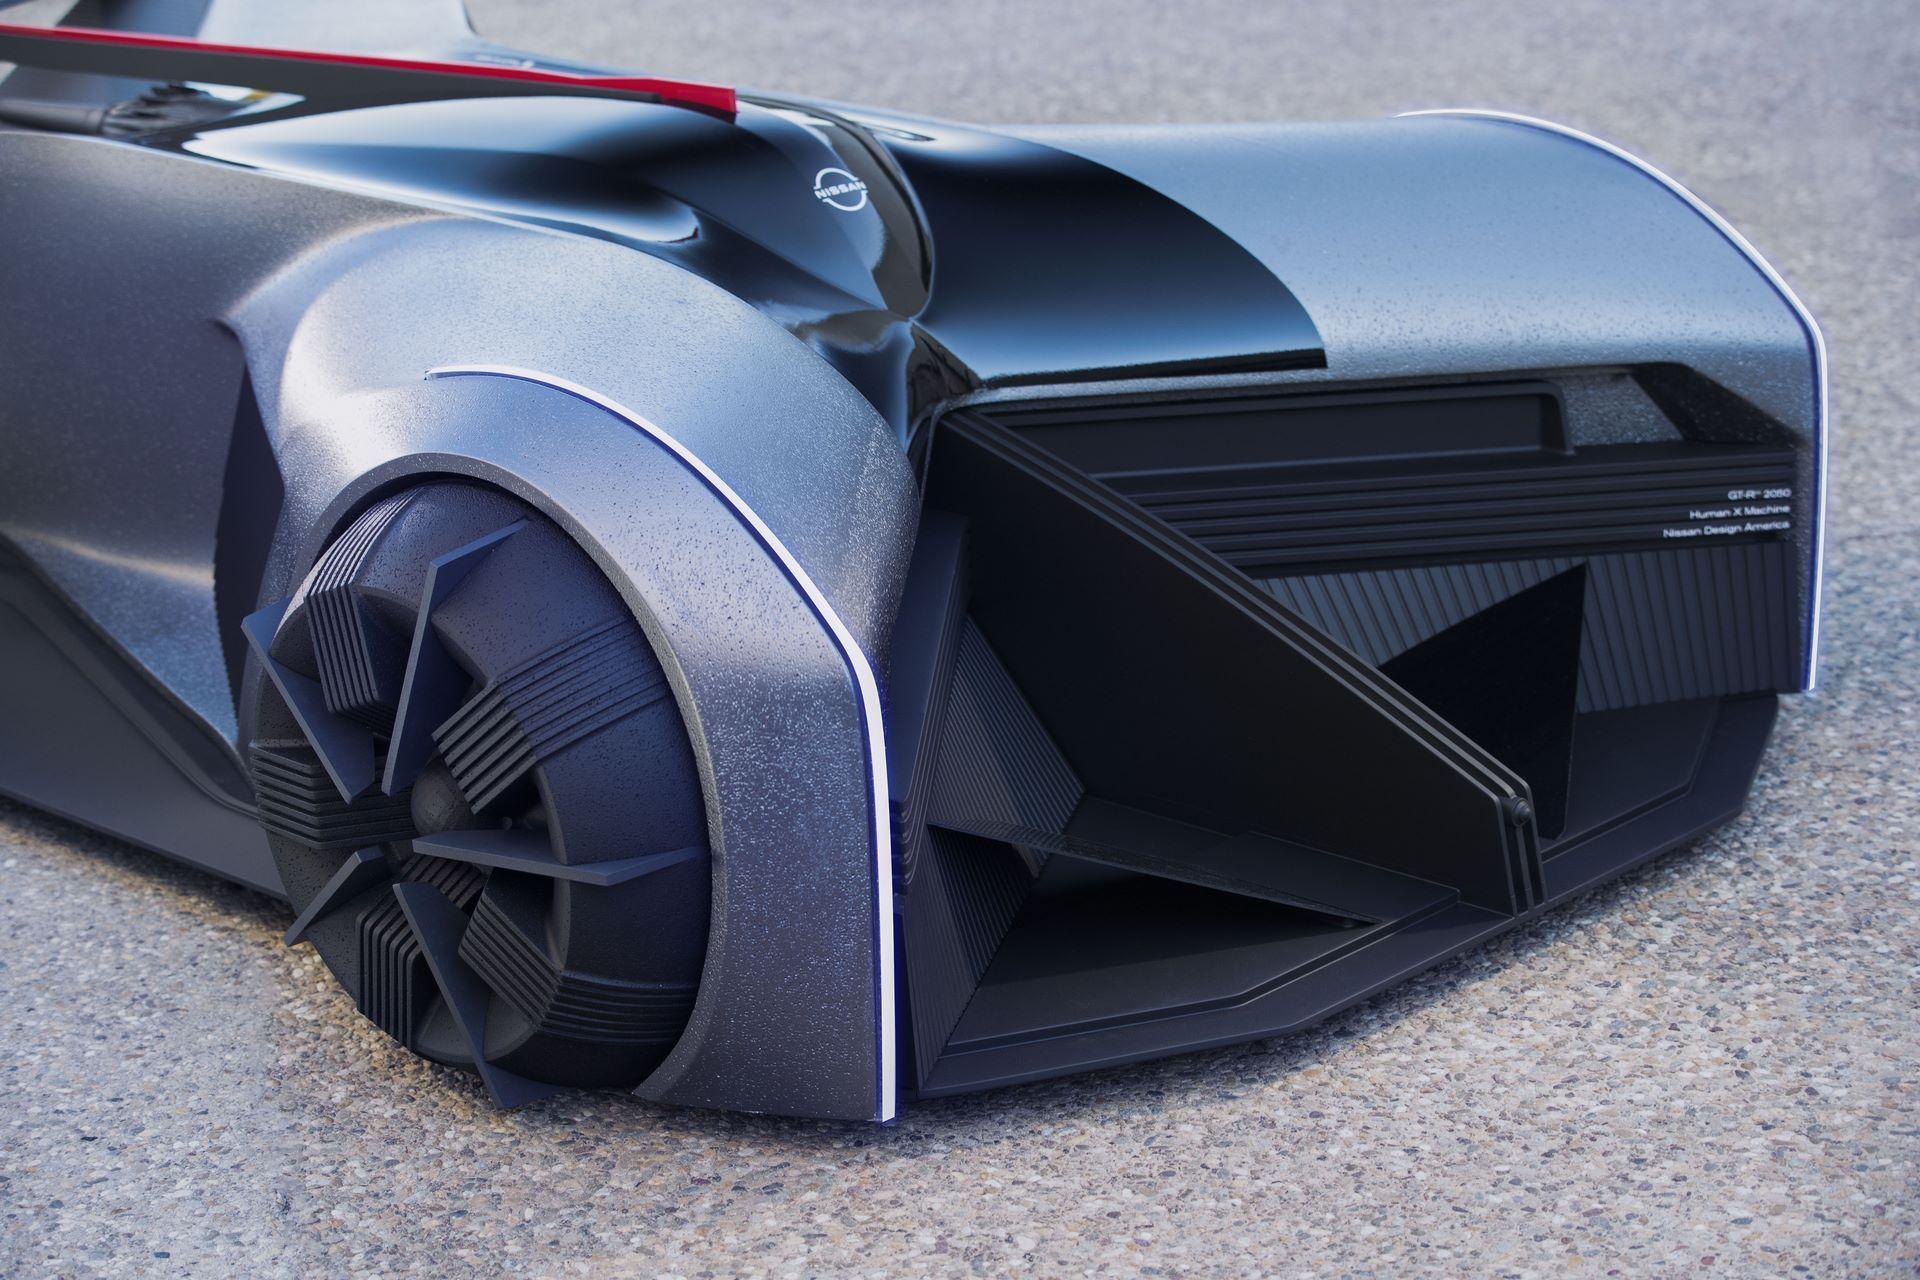 Nissan-GT-R-X-2050-Concept-21